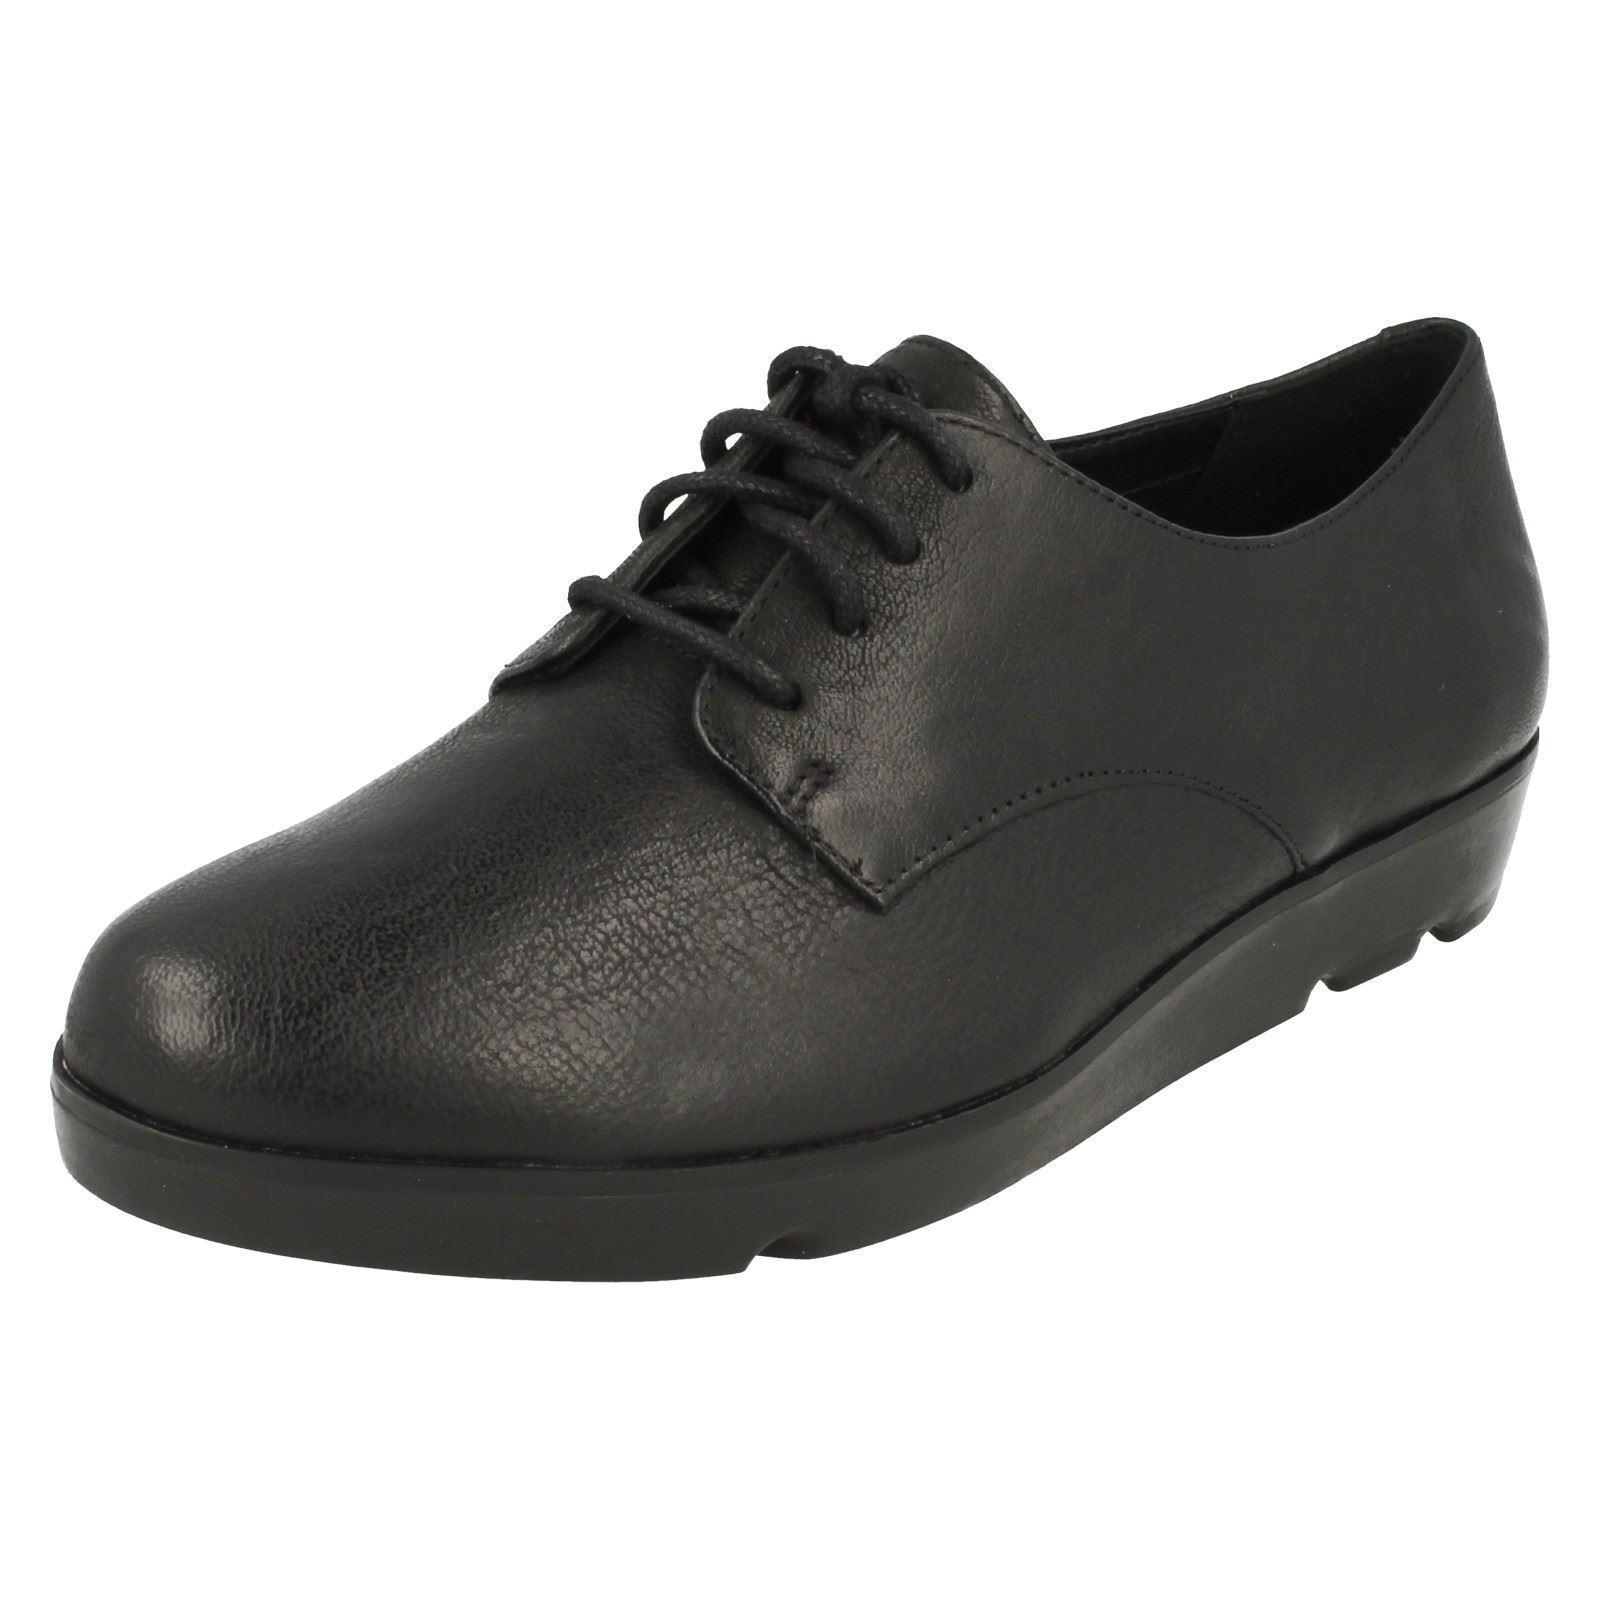 Donna CLARKS scarpe in (larghezza pelle nera Evie FIOCCO (larghezza in D) 6e8f06